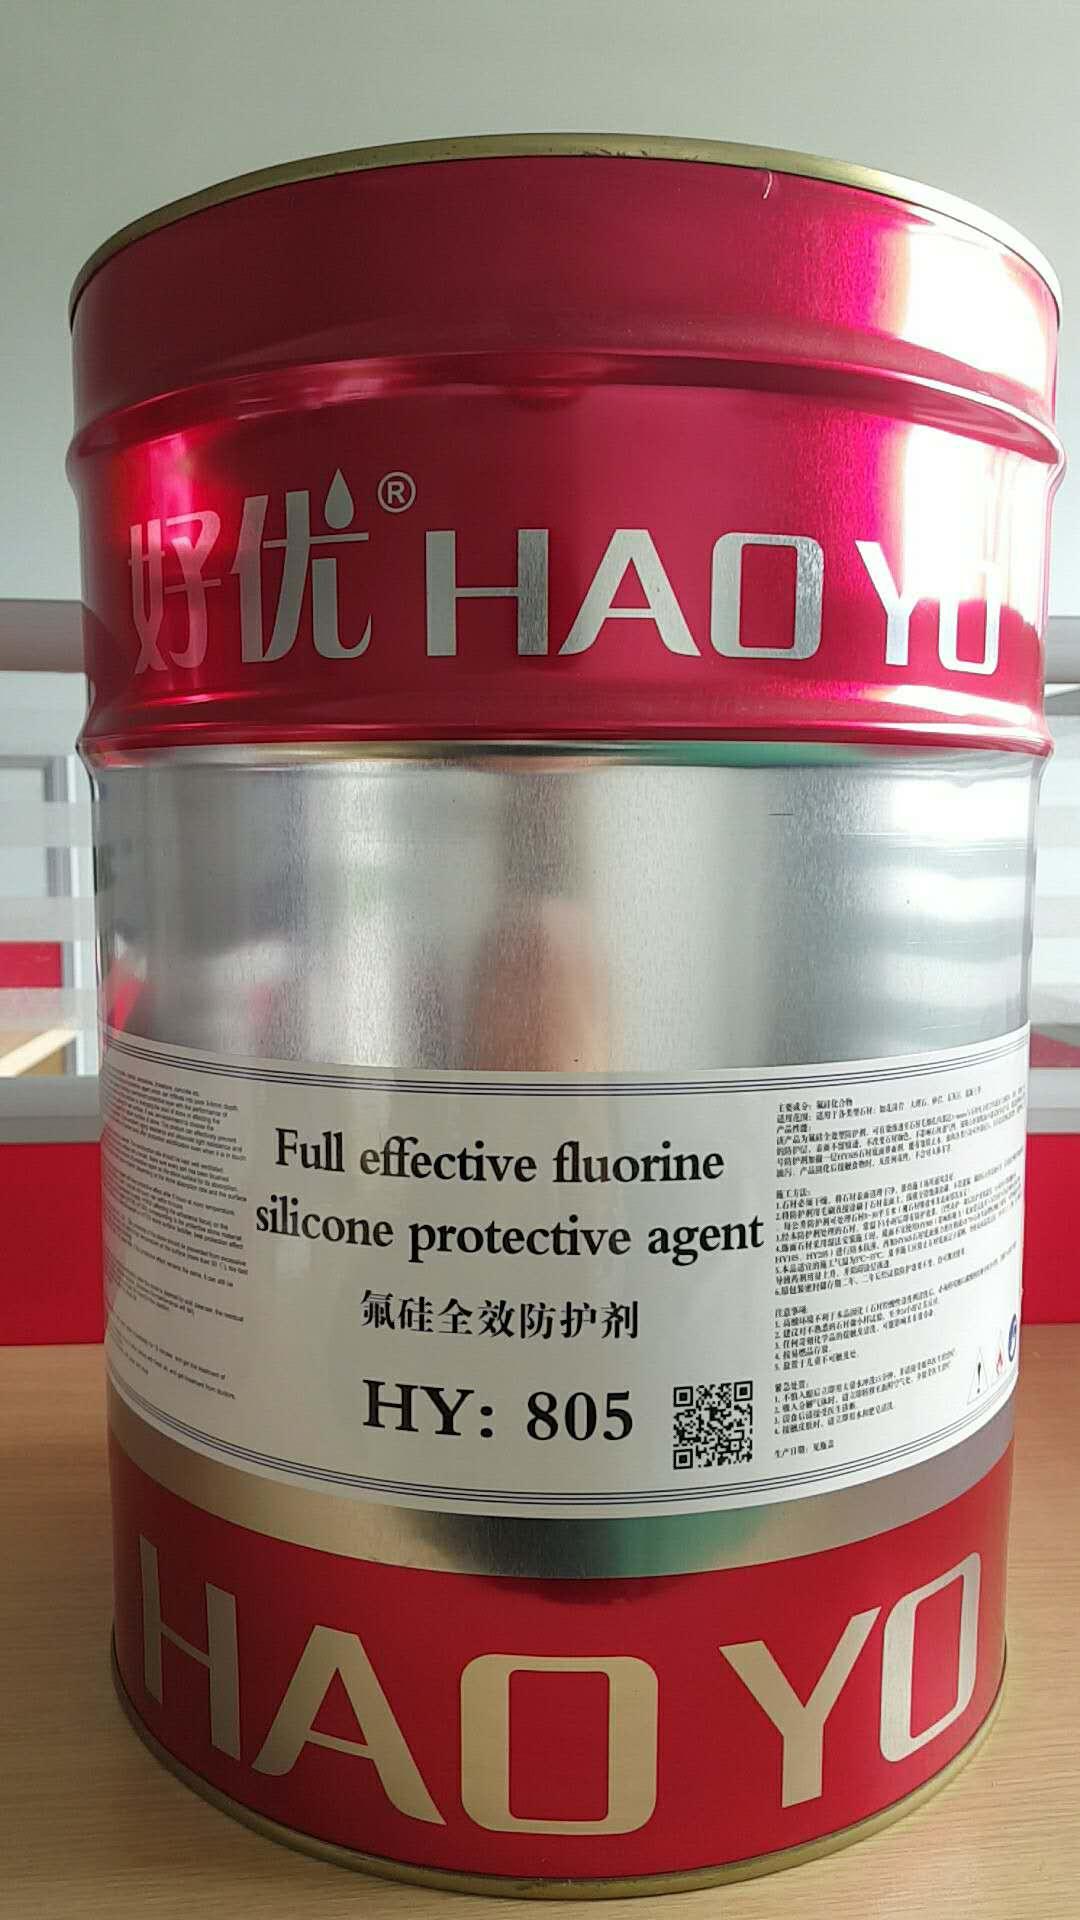 辽宁布艺防护剂 哪里有卖品牌好的混凝土防护剂